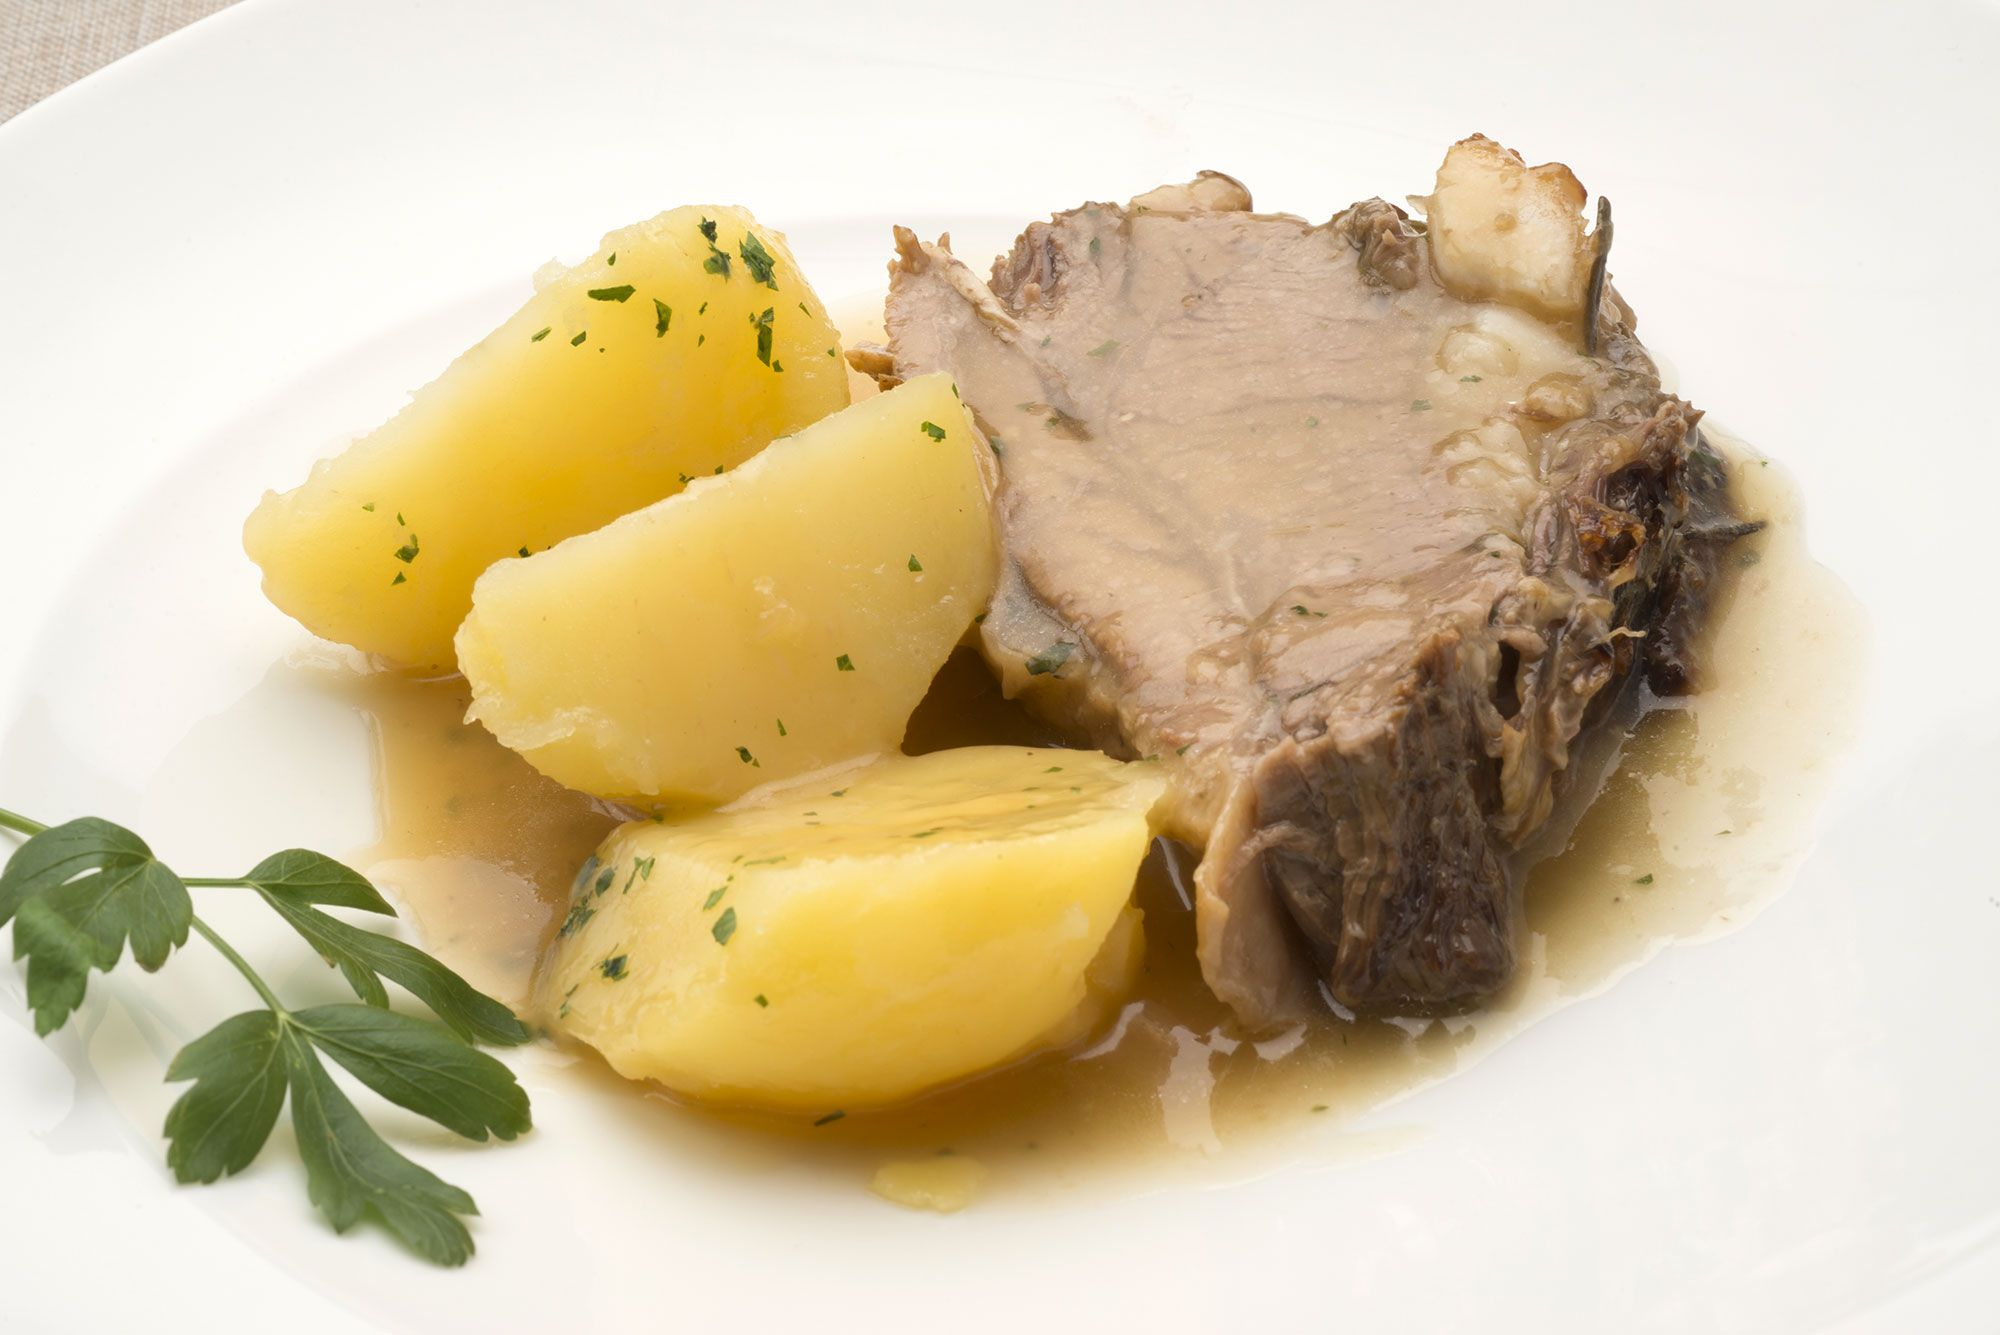 Las recetas de karlos argui ano del 23 al 27 de julio de - Tiempo de coccion de la patata ...